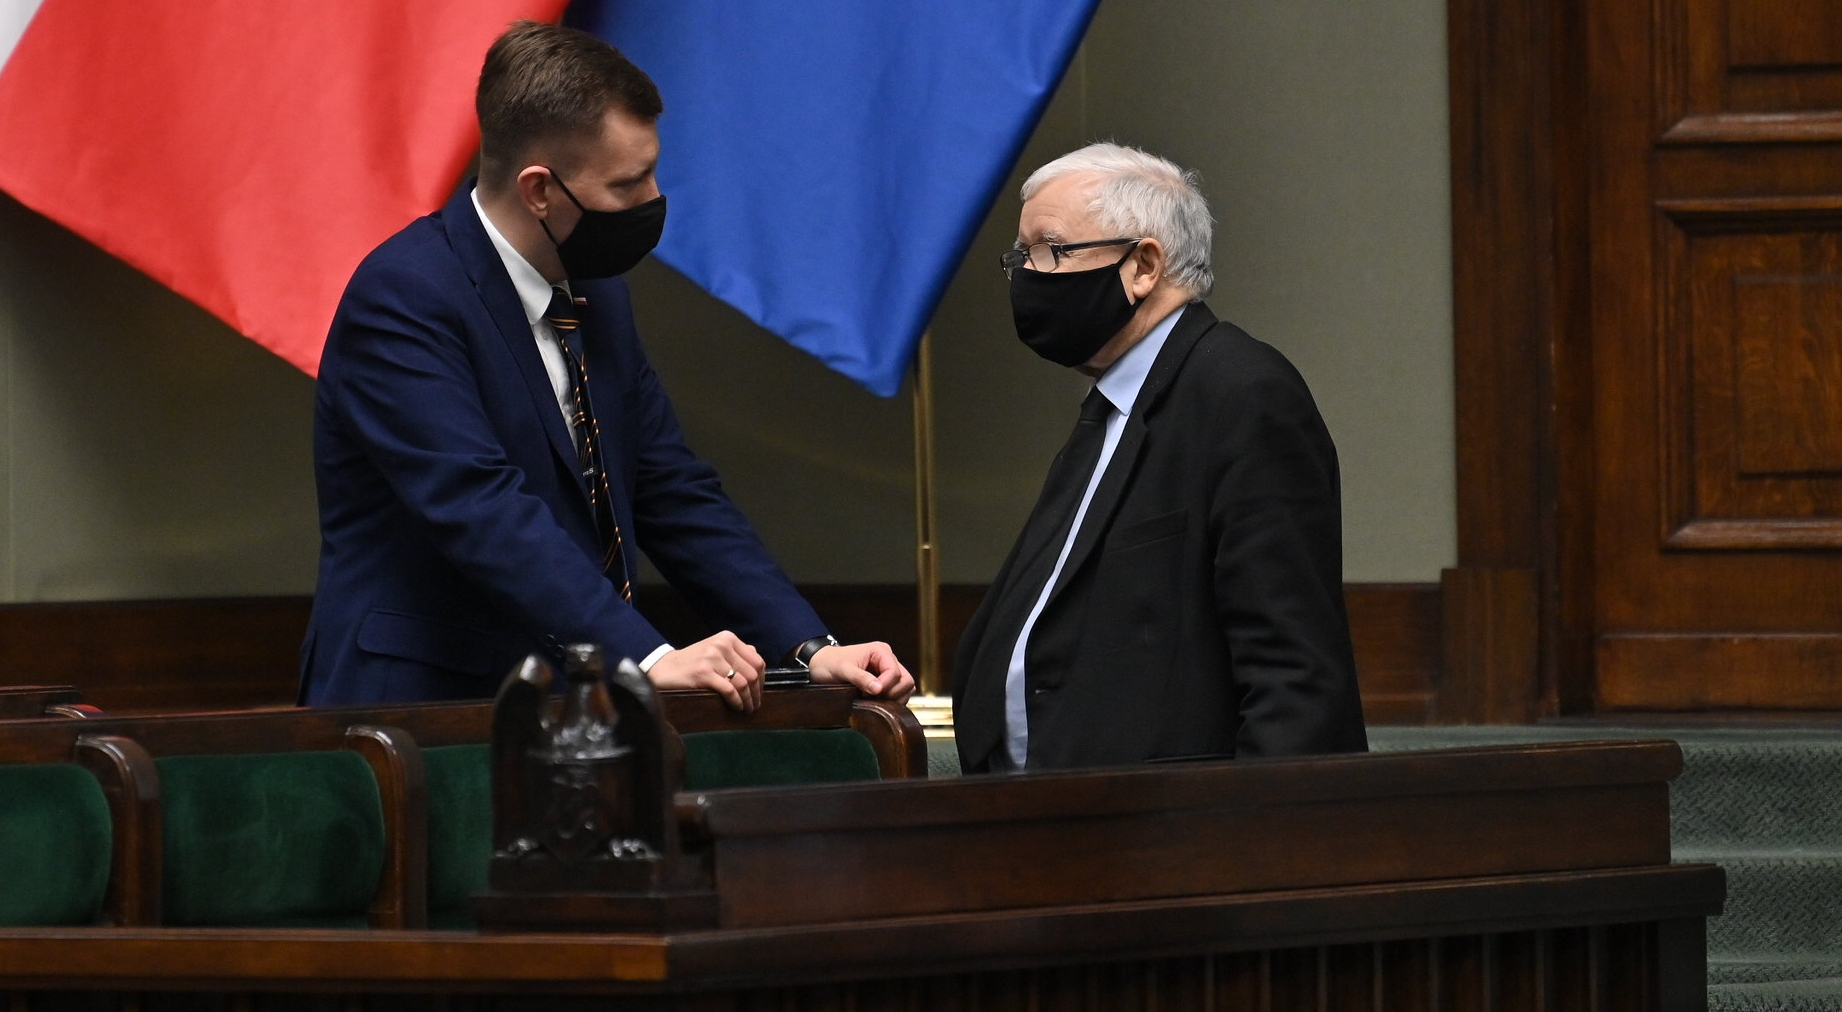 TSUE wydało wyrok. Polska ma płacić 500 tys. euro kary DZIENNIE